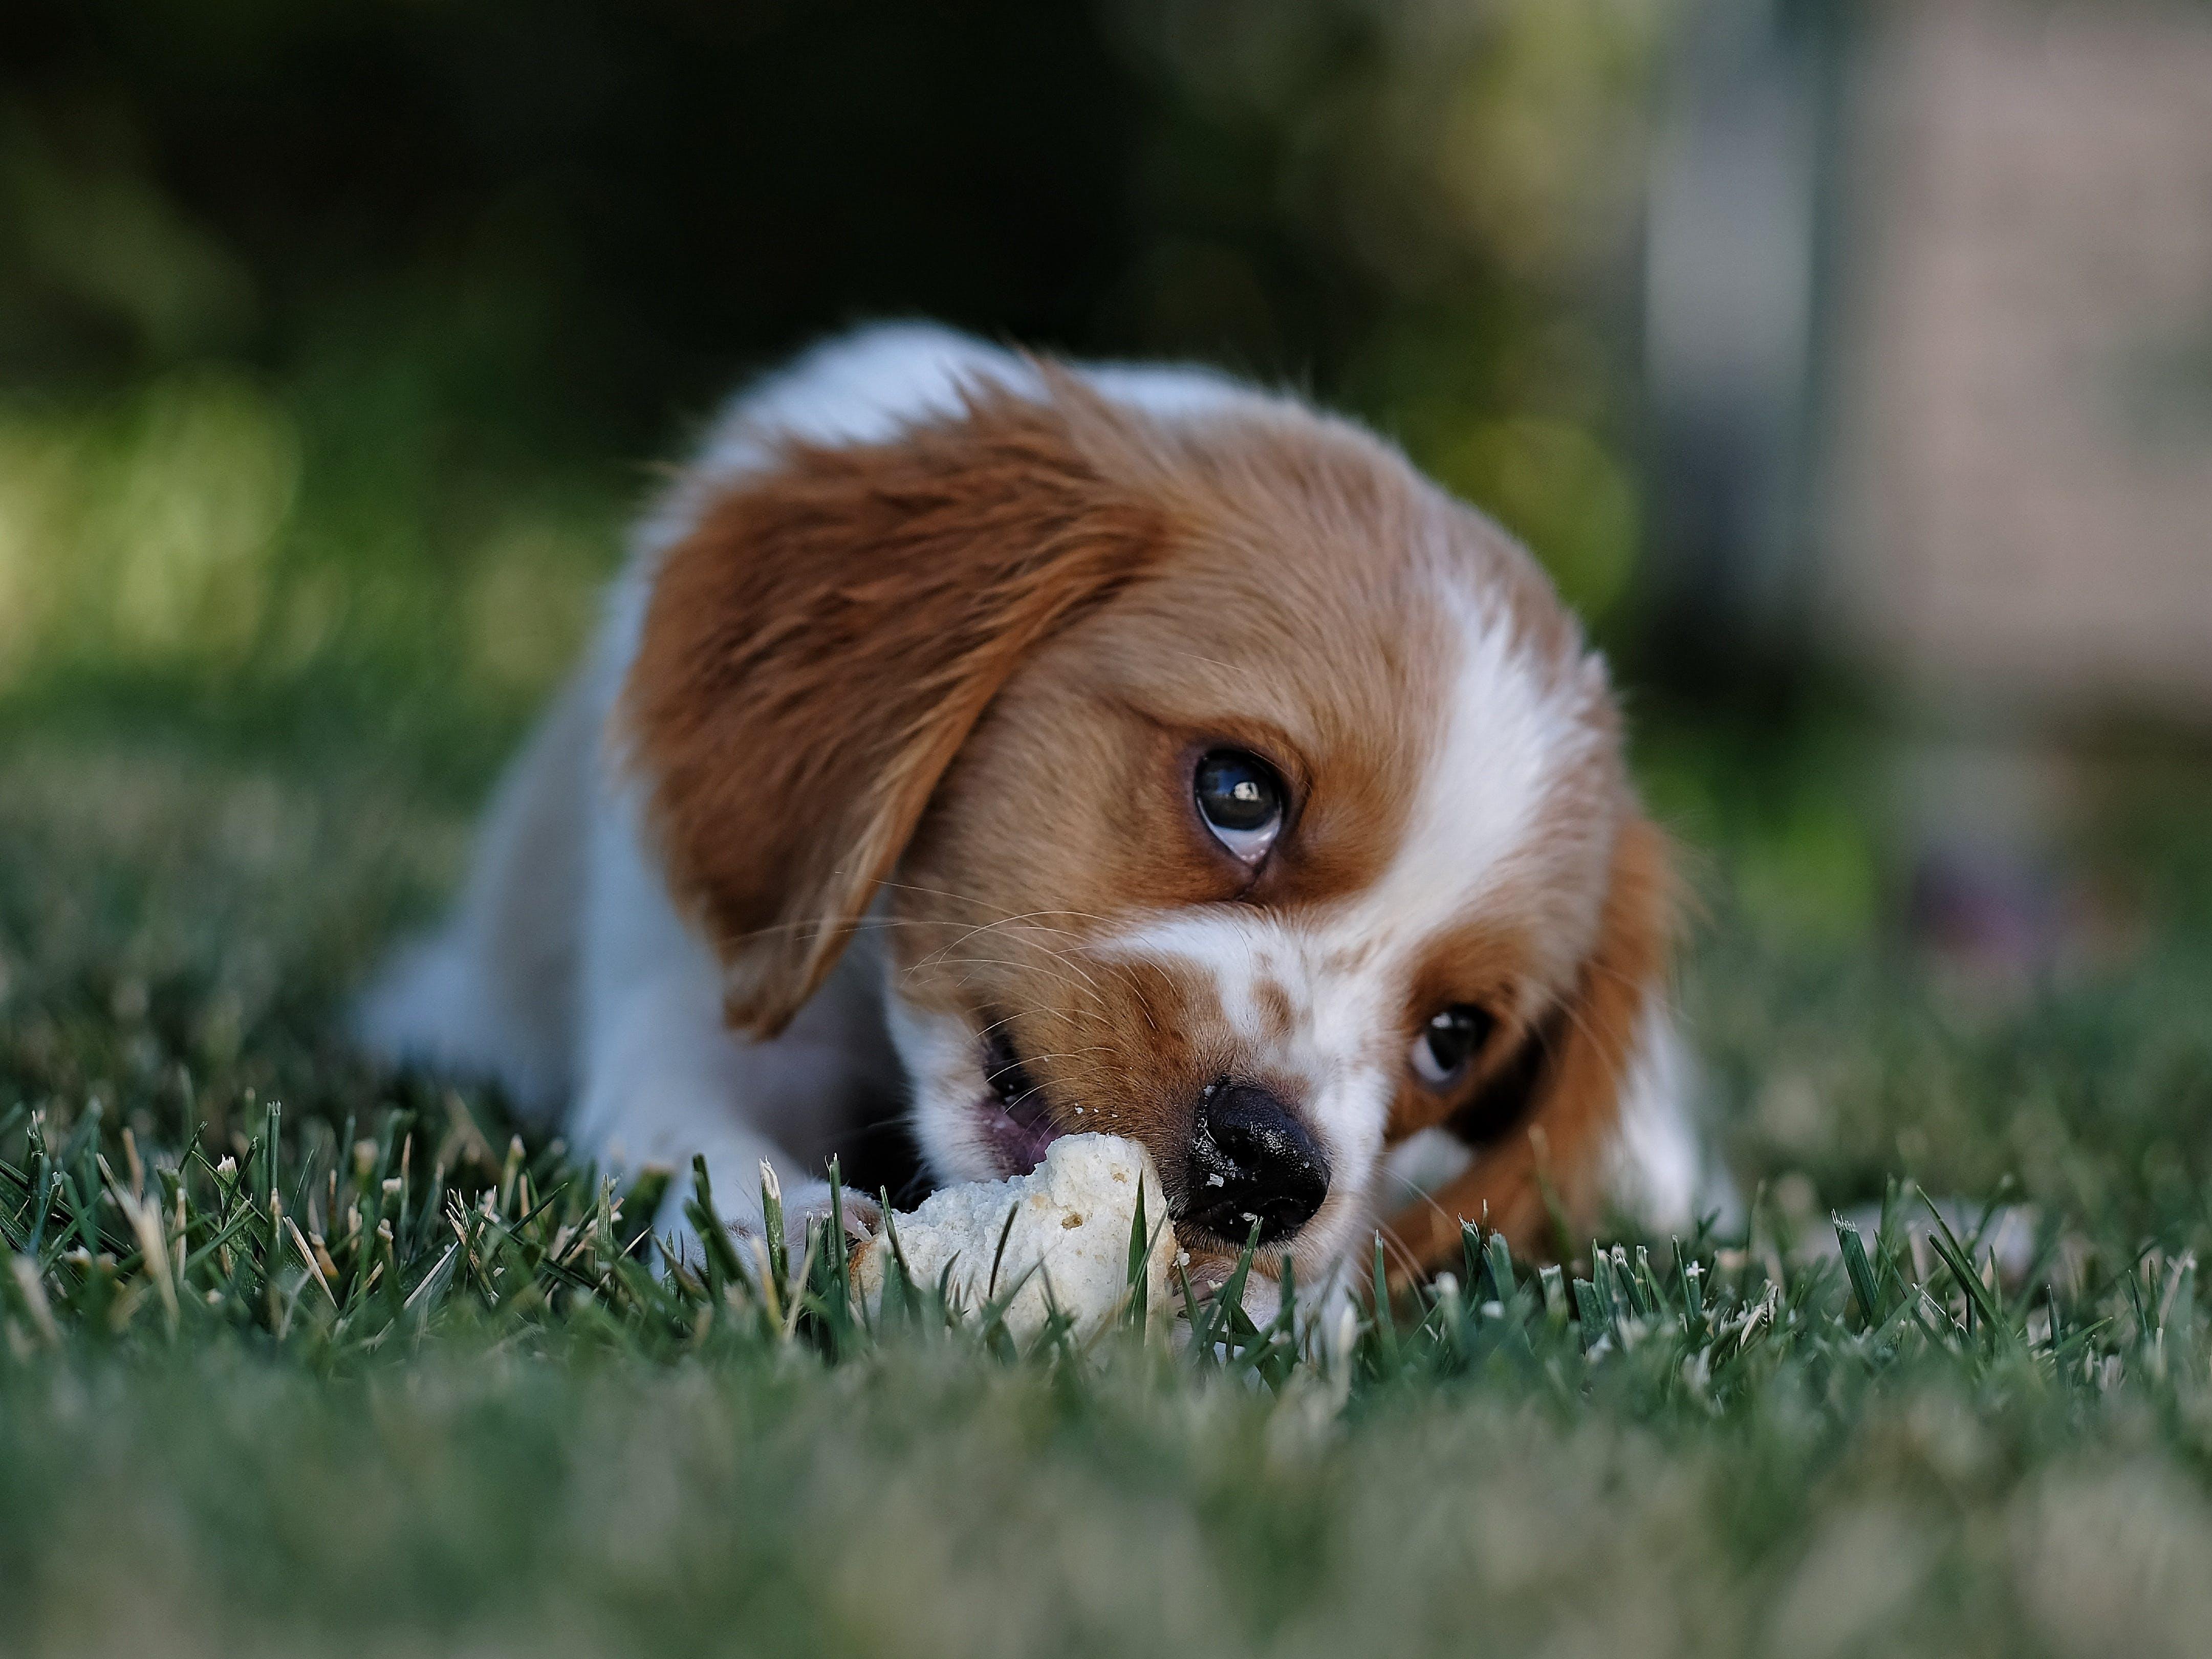 かわいらしい, ぼかし, フォーカス, ペットの無料の写真素材